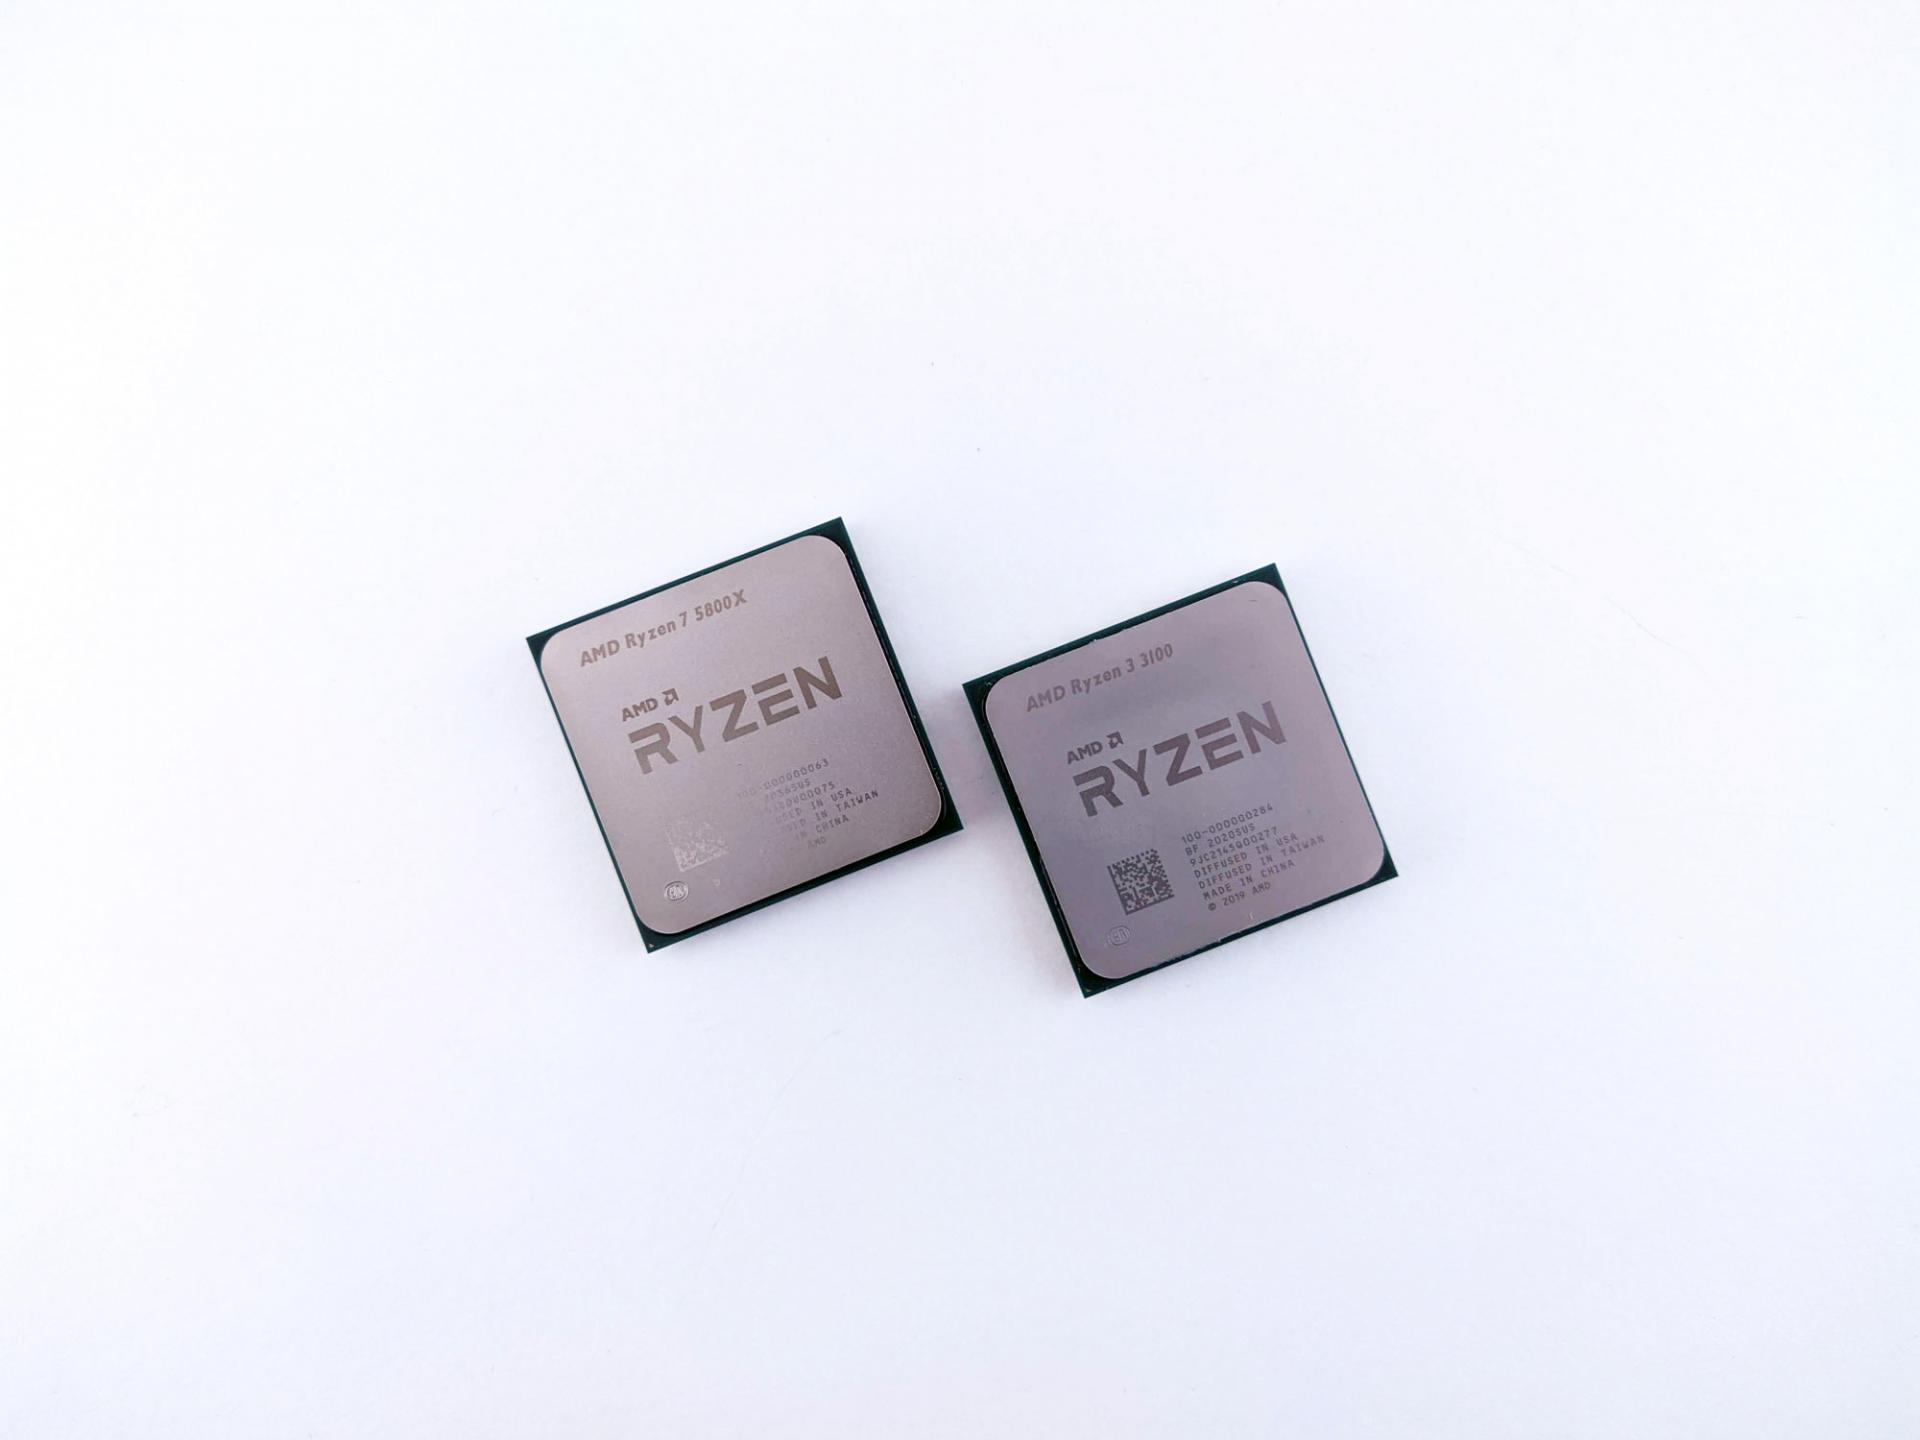 95 градусов для процессоров Ryzen 5000-й серии — это нормально